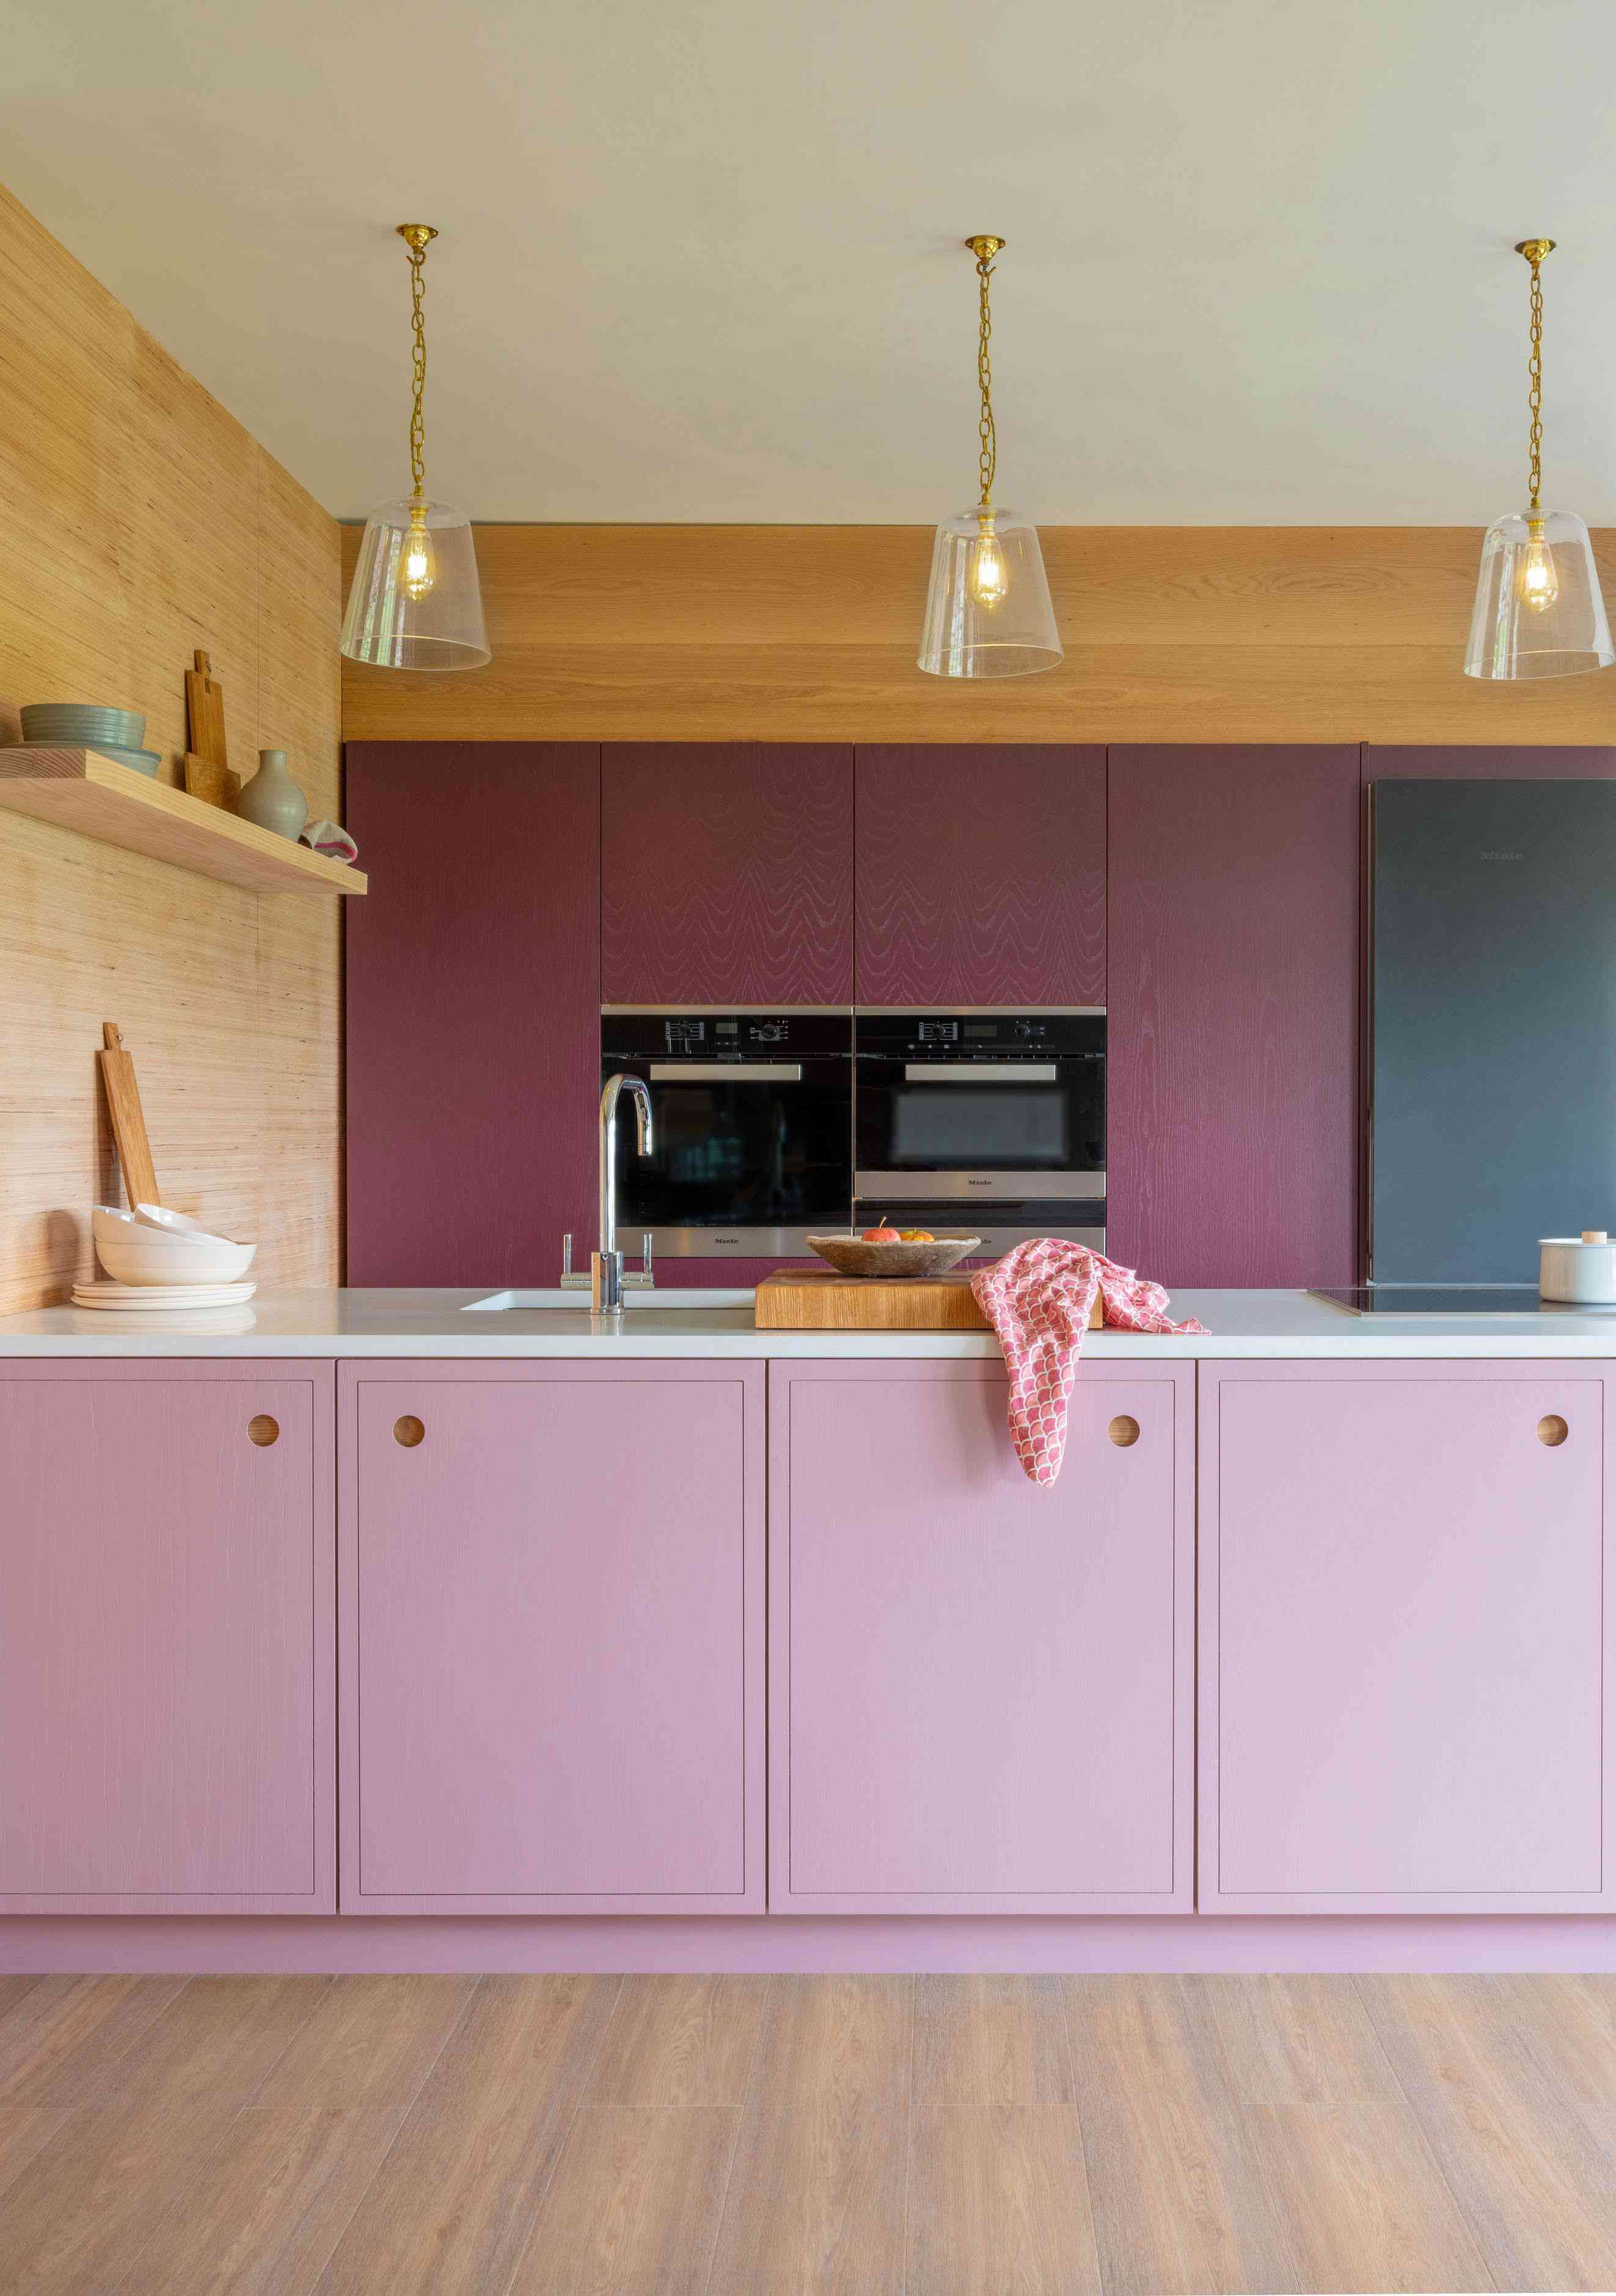 Pink and magenta kitchen